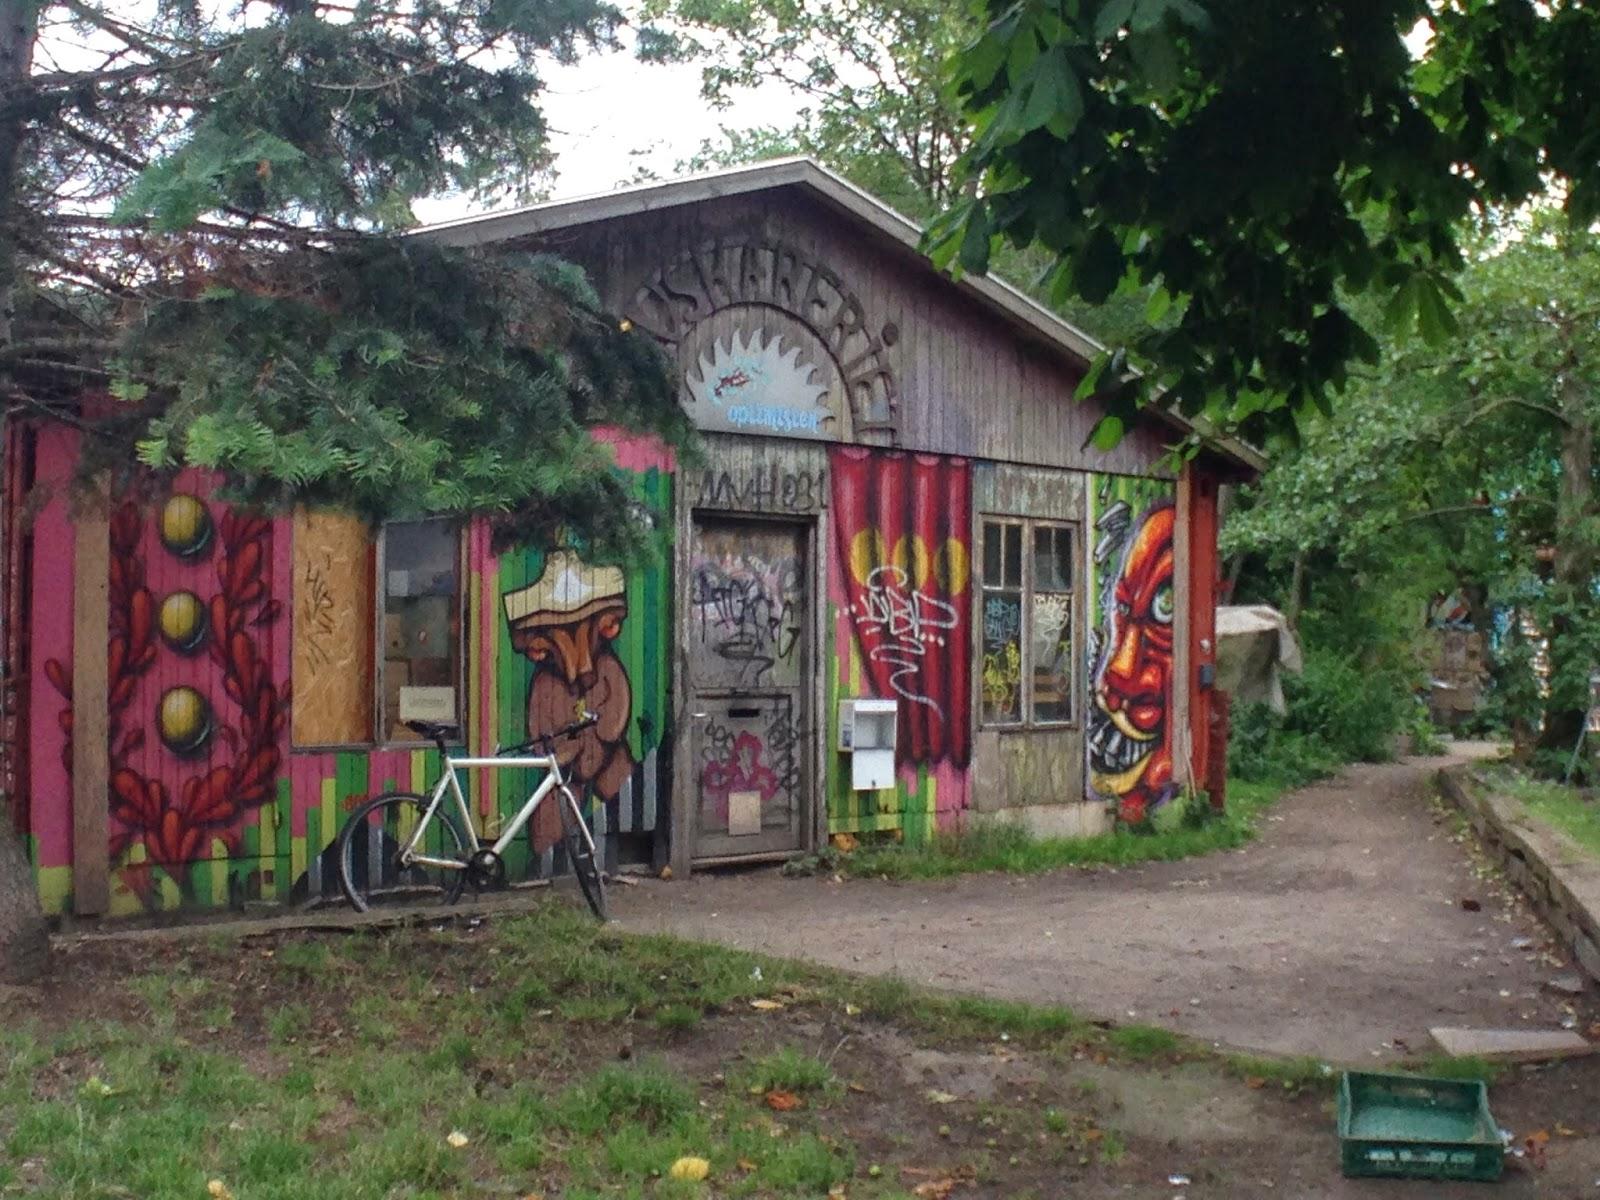 Casa Hippies : De vikingos hippies dragones y reinados parte just one